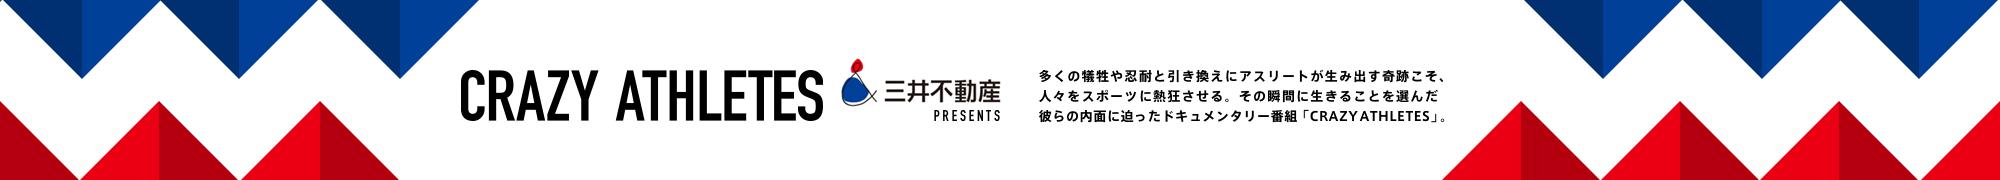 マラソン日本記録保持者の大迫傑に独占インタビューを敢行。4回に分けてお送りする。「僕から見た他人は本当の他人じゃない」2020年の東京五輪での金メダル獲得に向け、走り続けるプロラン…